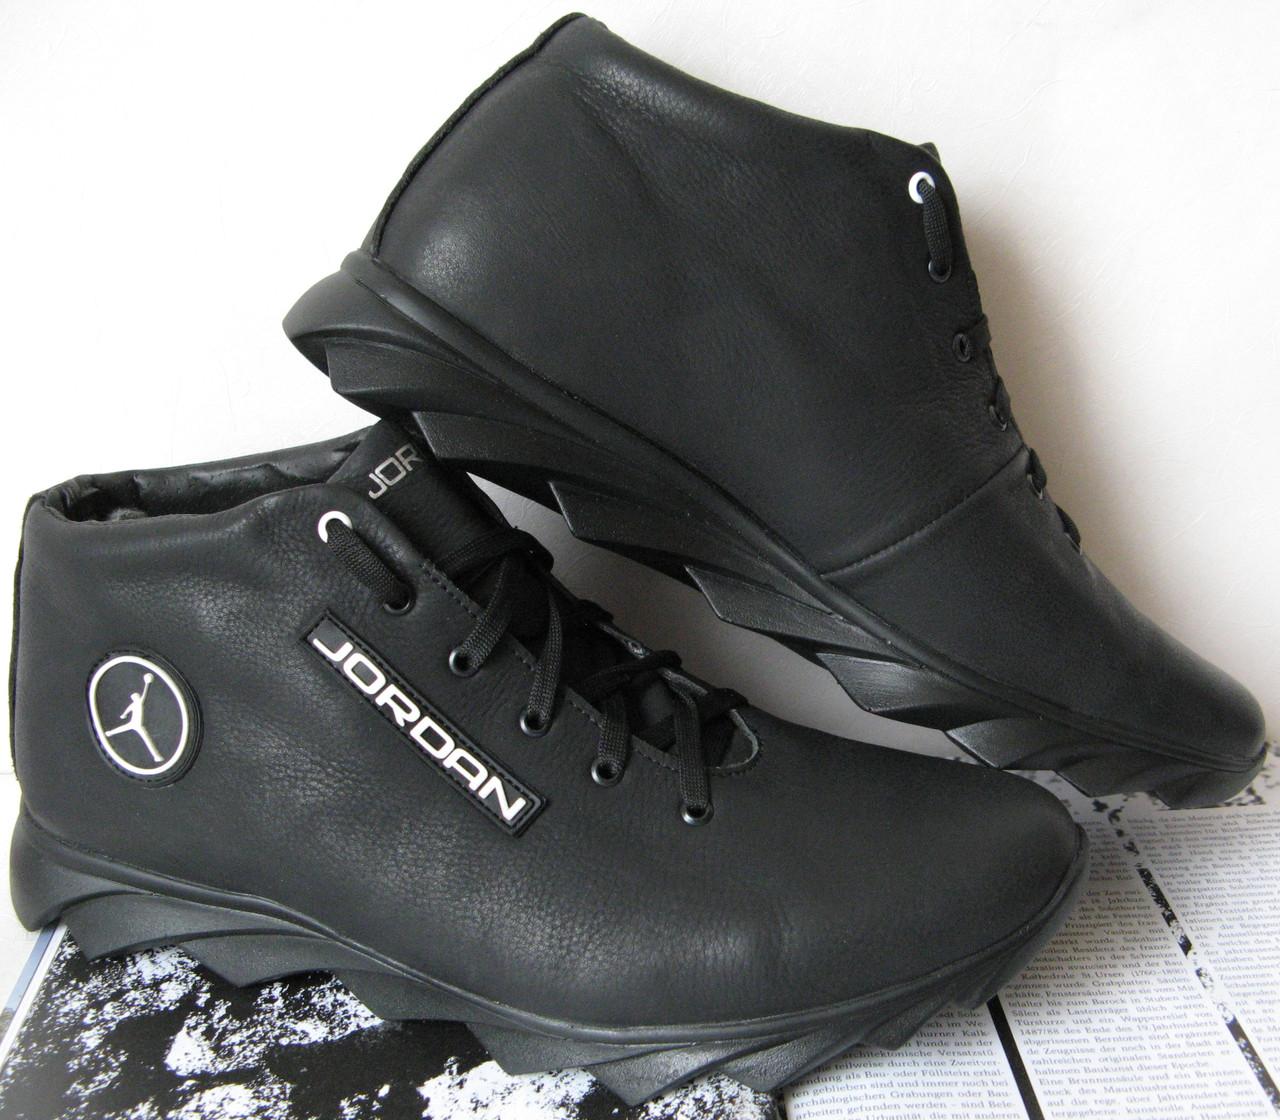 d04945a2 Jordan зимние реплика кроссовки Мужские кроссовки натуральная кожа обувь мех  - LIMODA.COM.UA